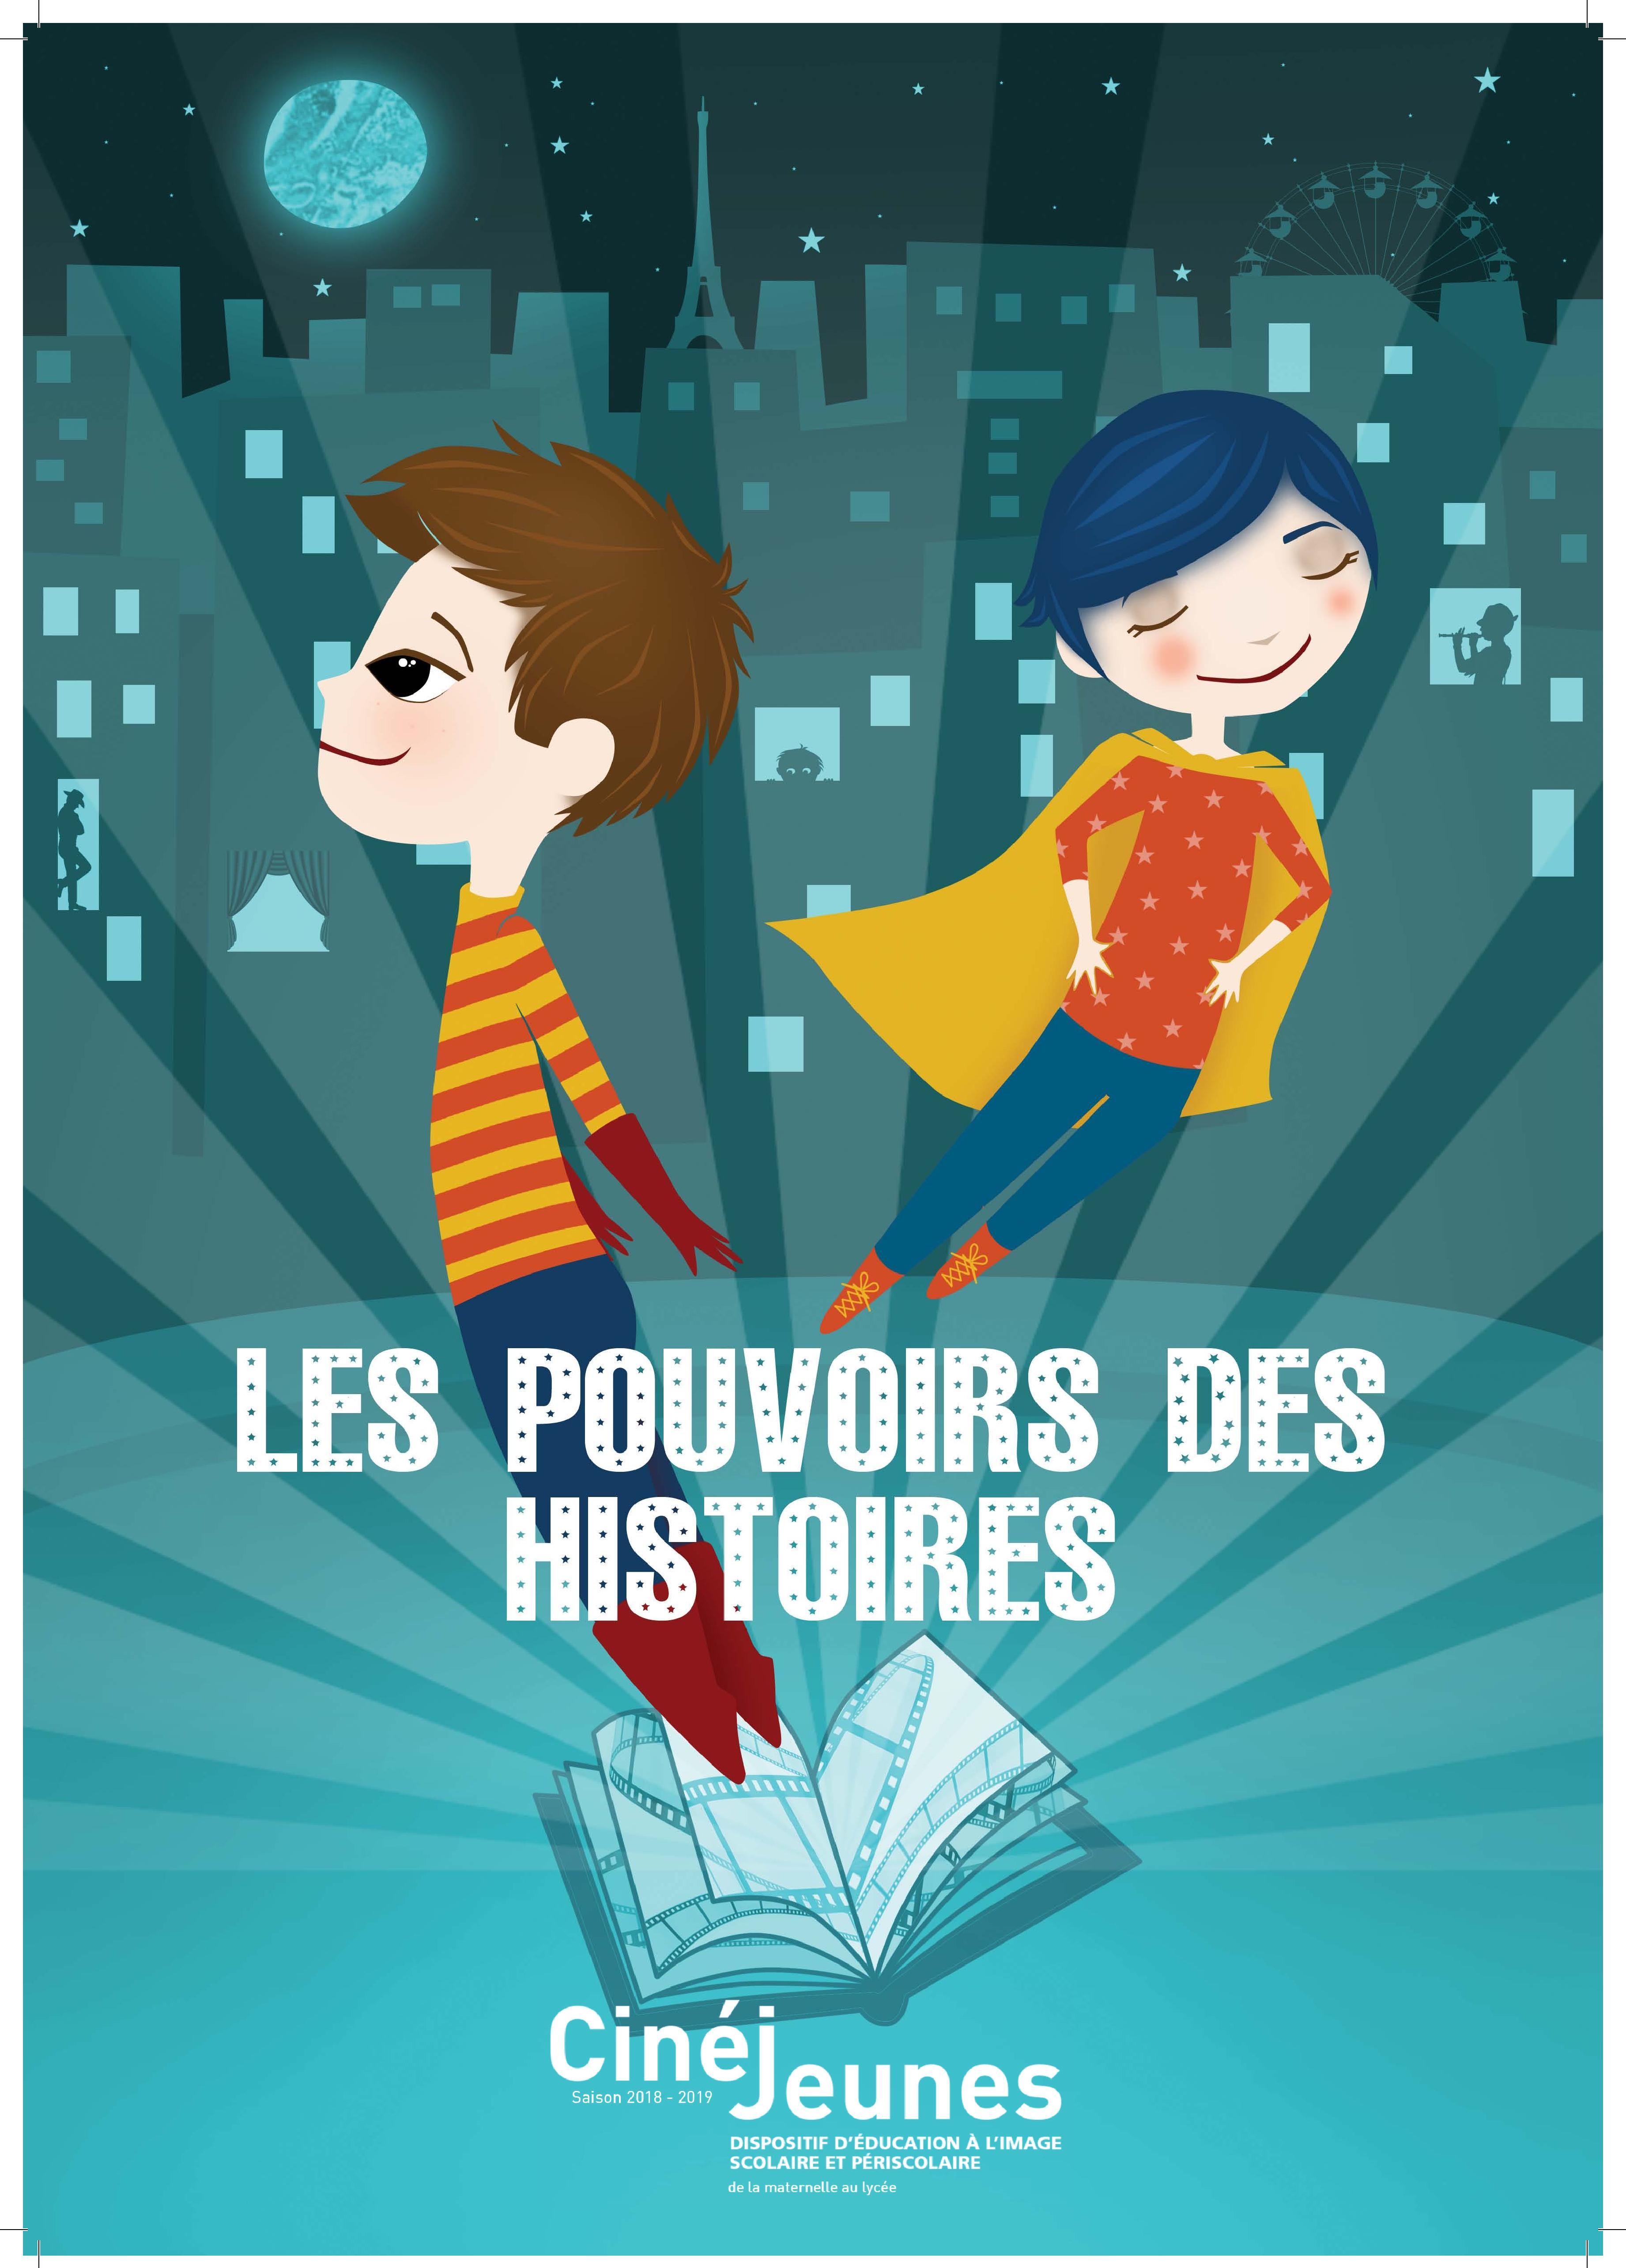 LES POUVOIRS DES HISTOIRES